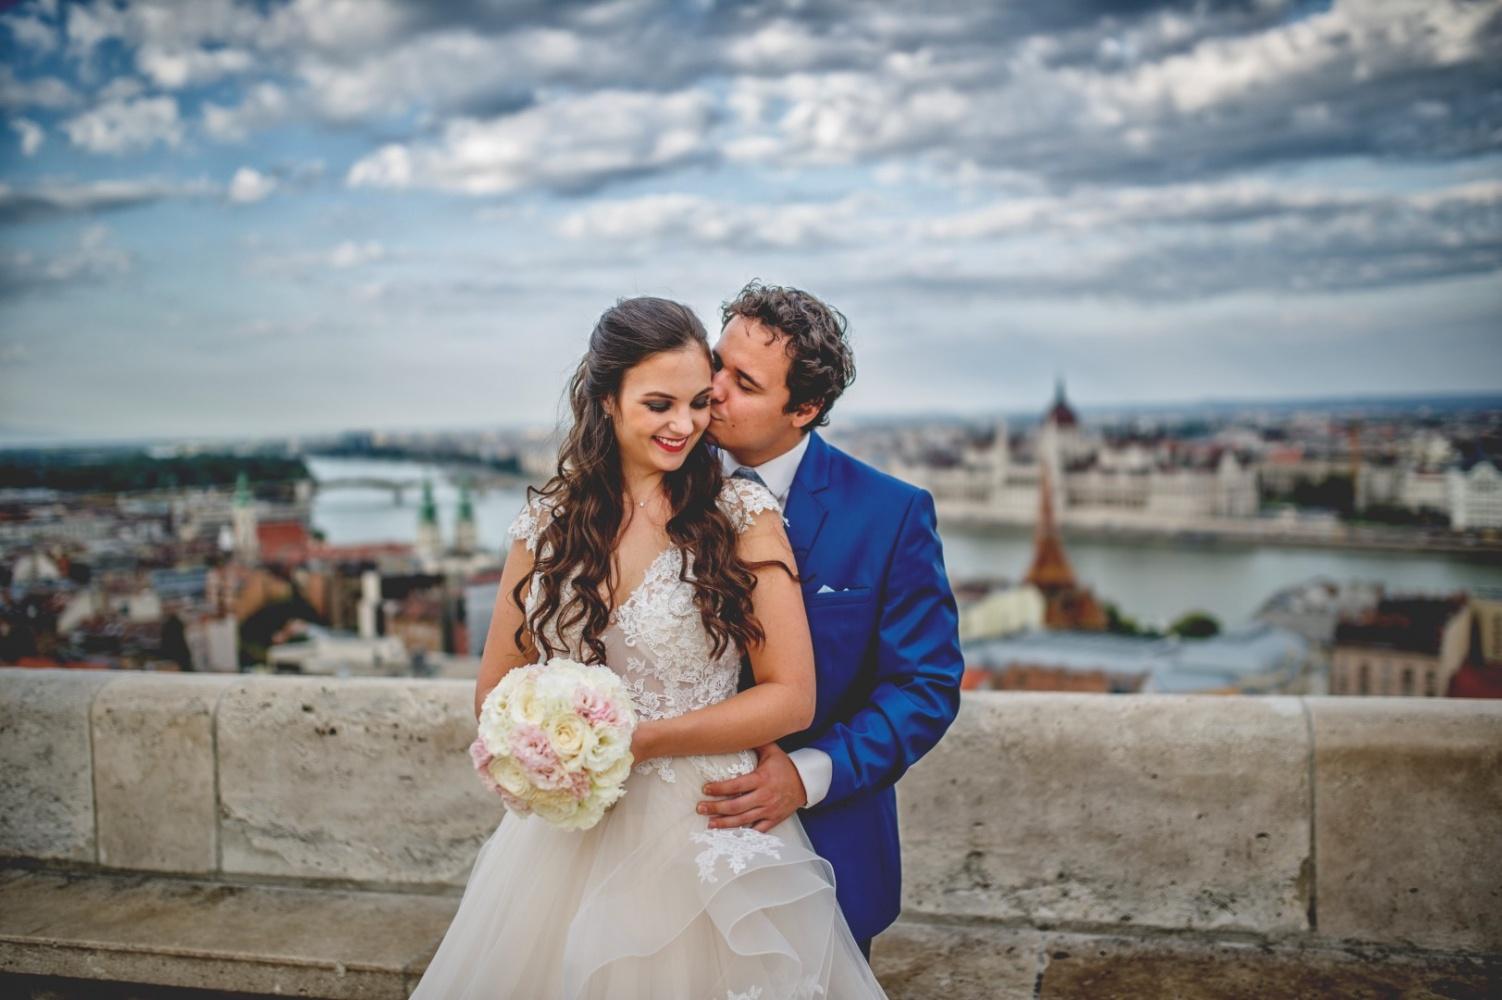 http://www.fotoz.sk/images/gallery-31/normal/eskuvo_dunaharaszti-rendezvenyhaz_021.jpg